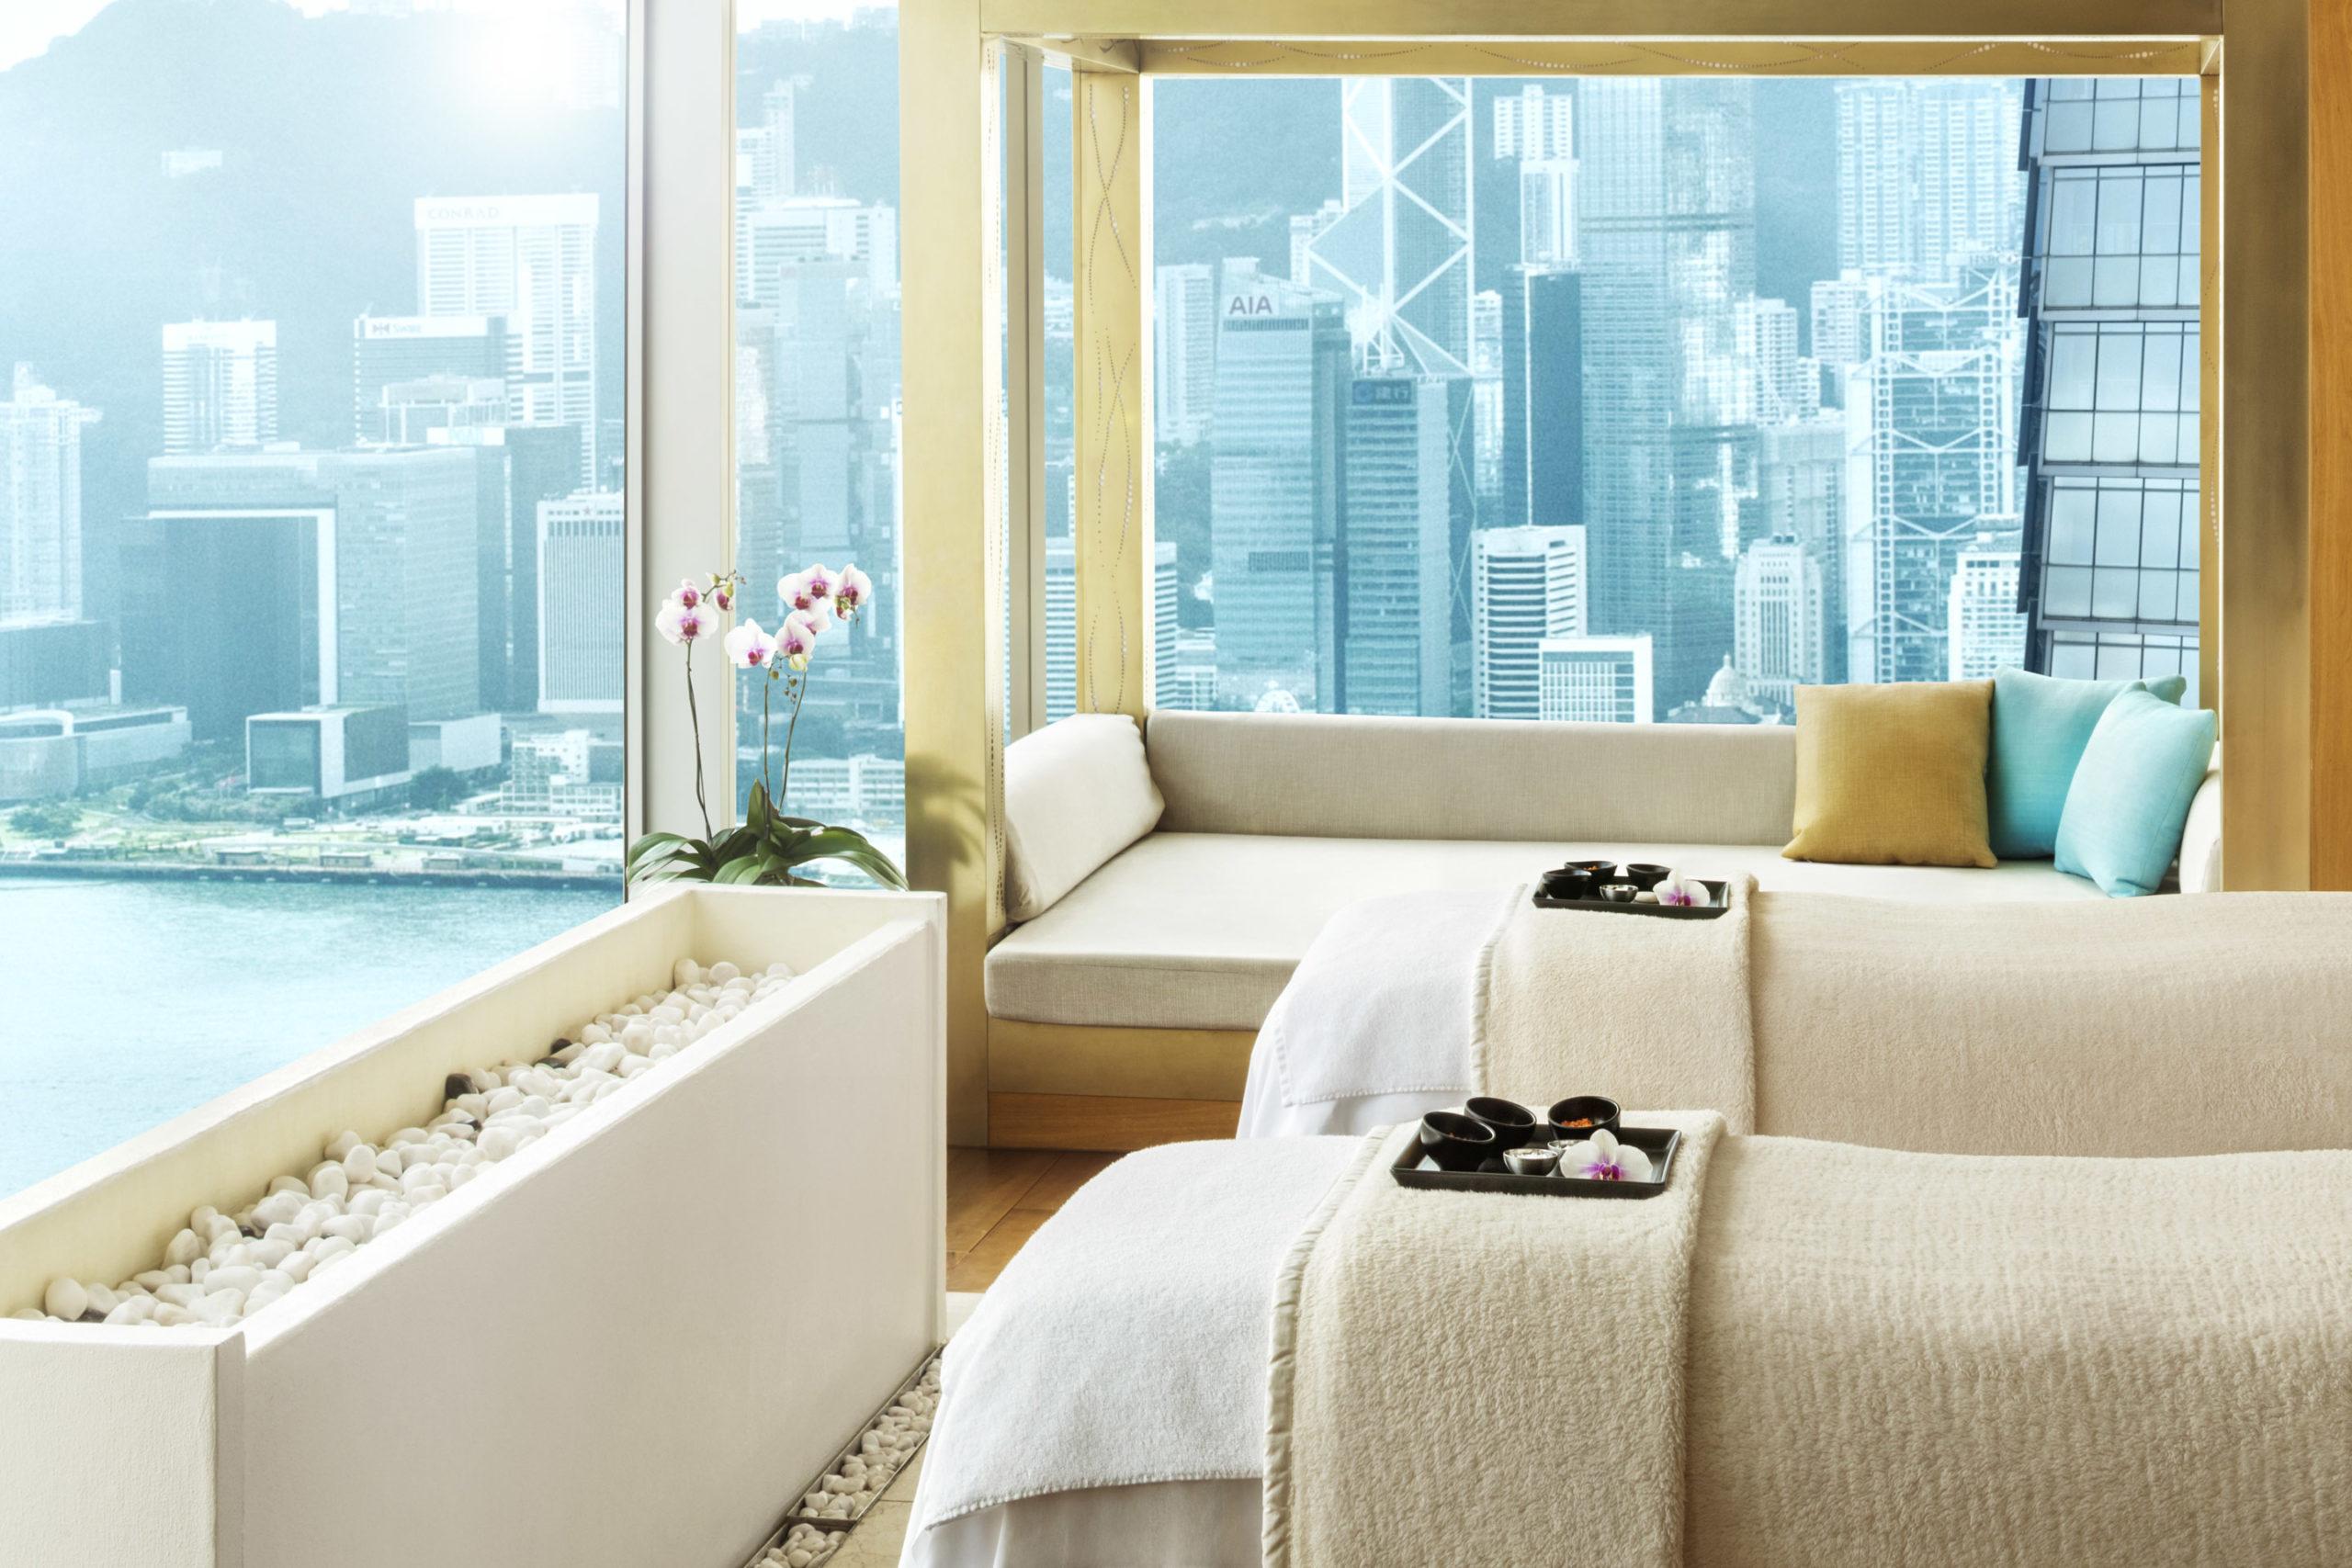 W Hotel: Bliss